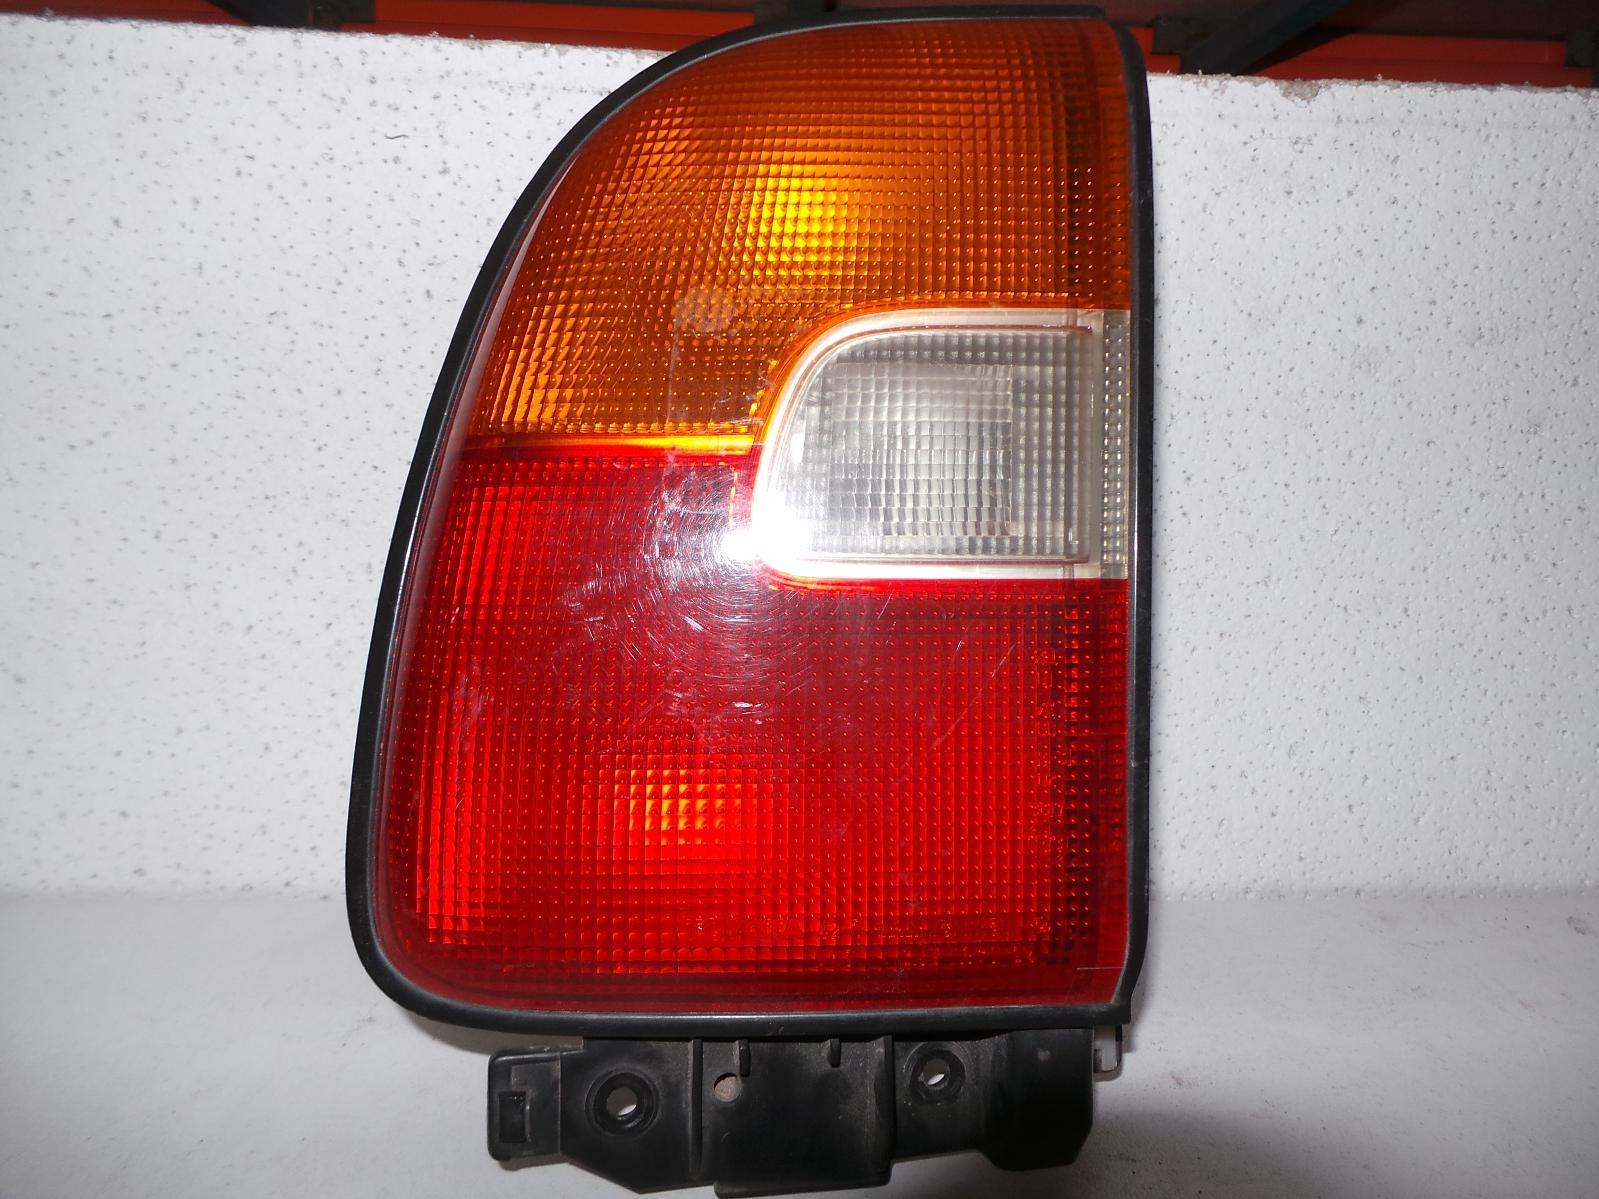 TOYOTA RAV4, Left Taillight, SXA1#R, LENS# 42-3, 07/94-10/97